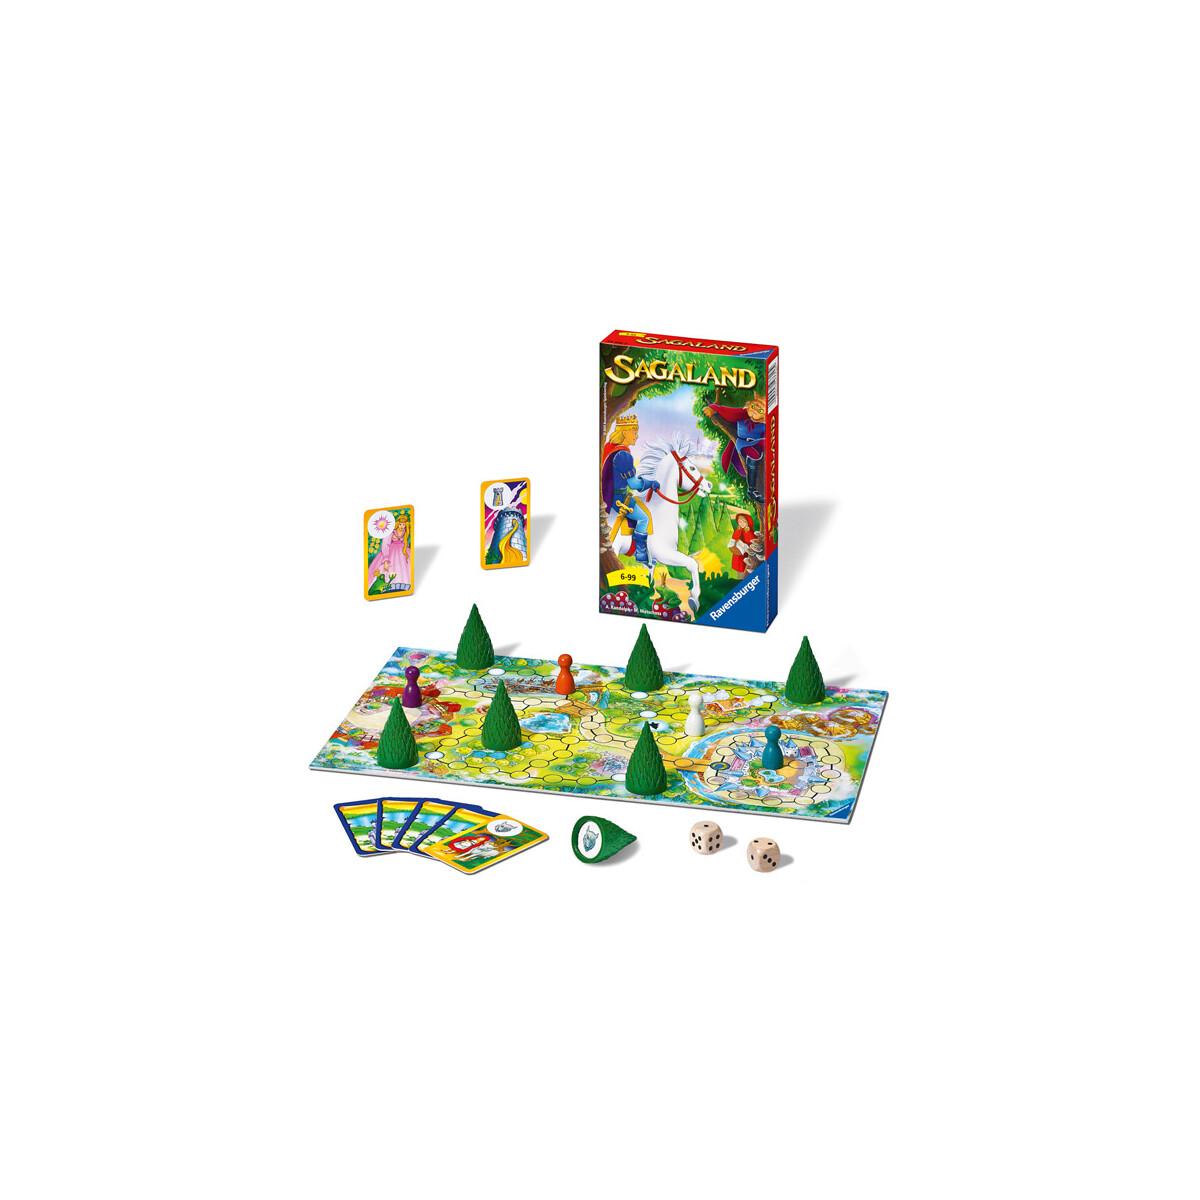 Spielanleitung Sagaland